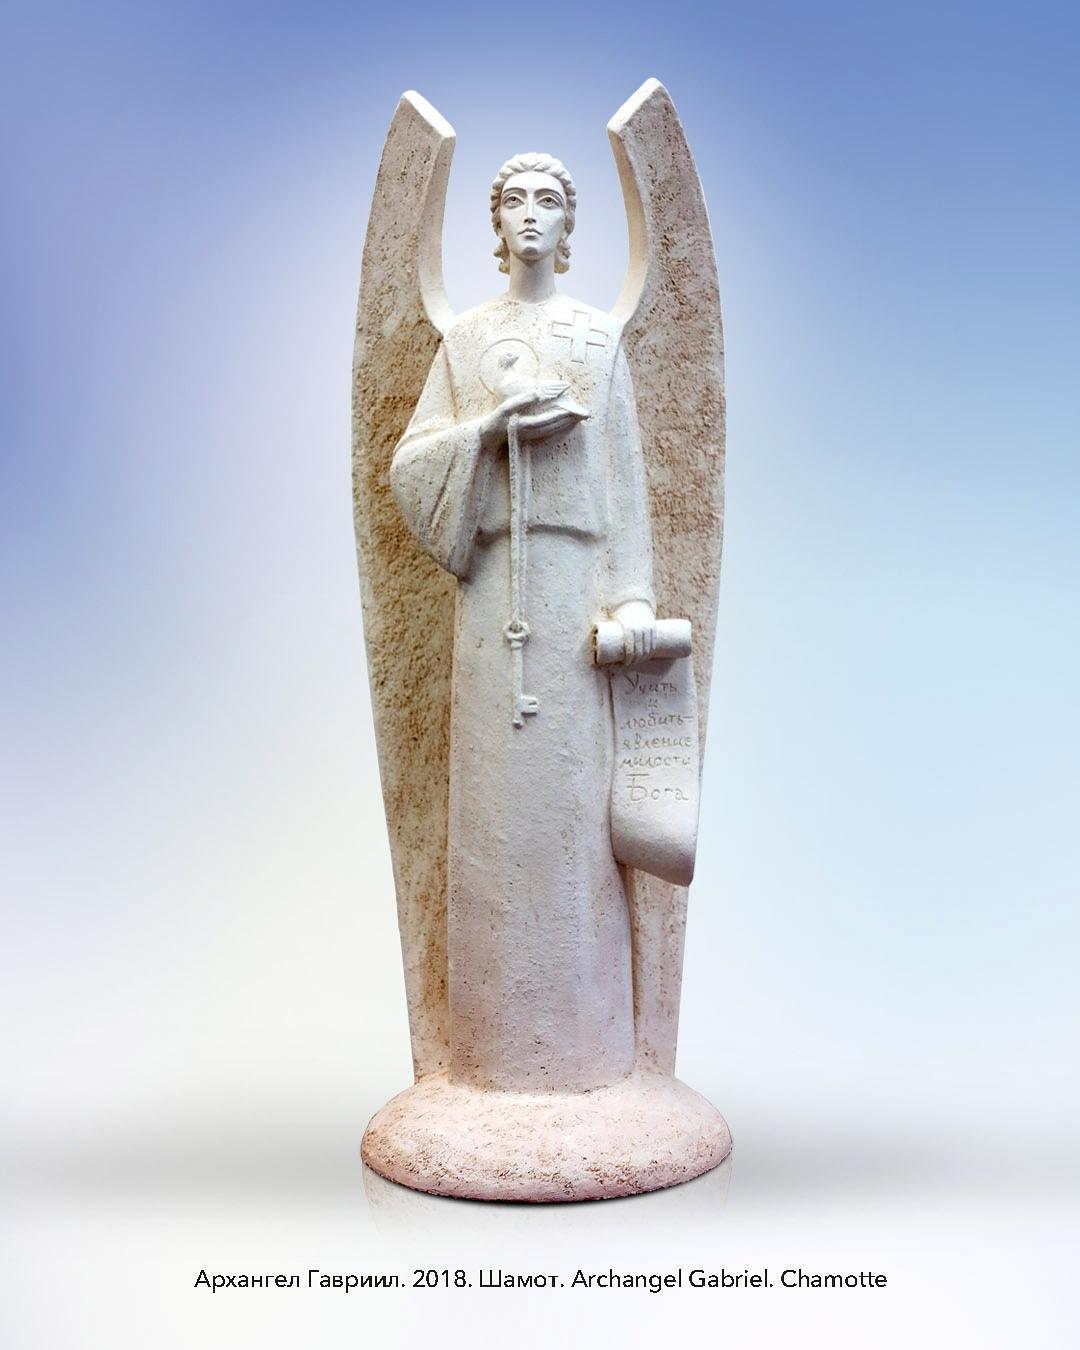 Archangel Gabriel. 2018. - img 20190407 003253 460